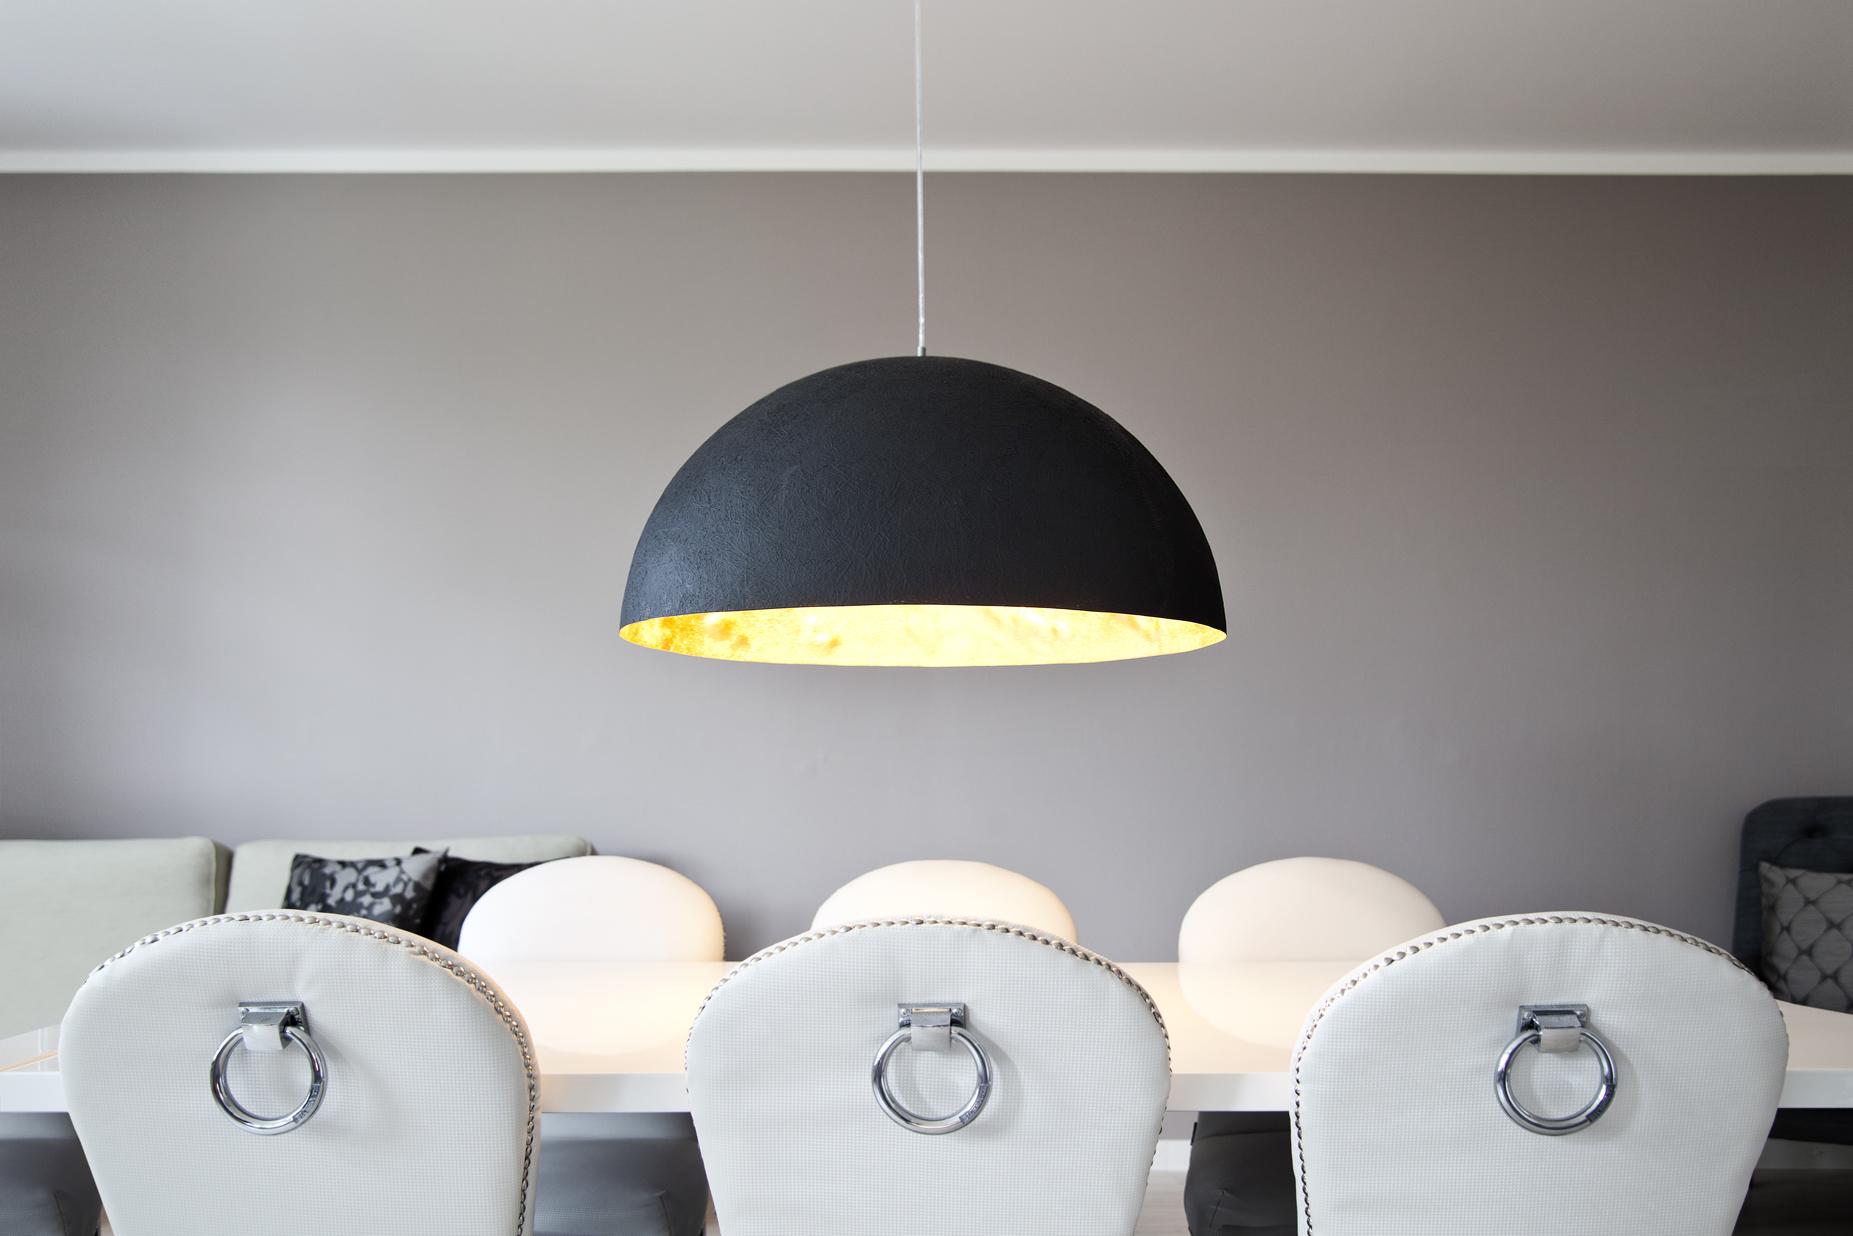 Tavoli Da Pranzo Design : Design tavoli da pranzo il lets eat table dei designers